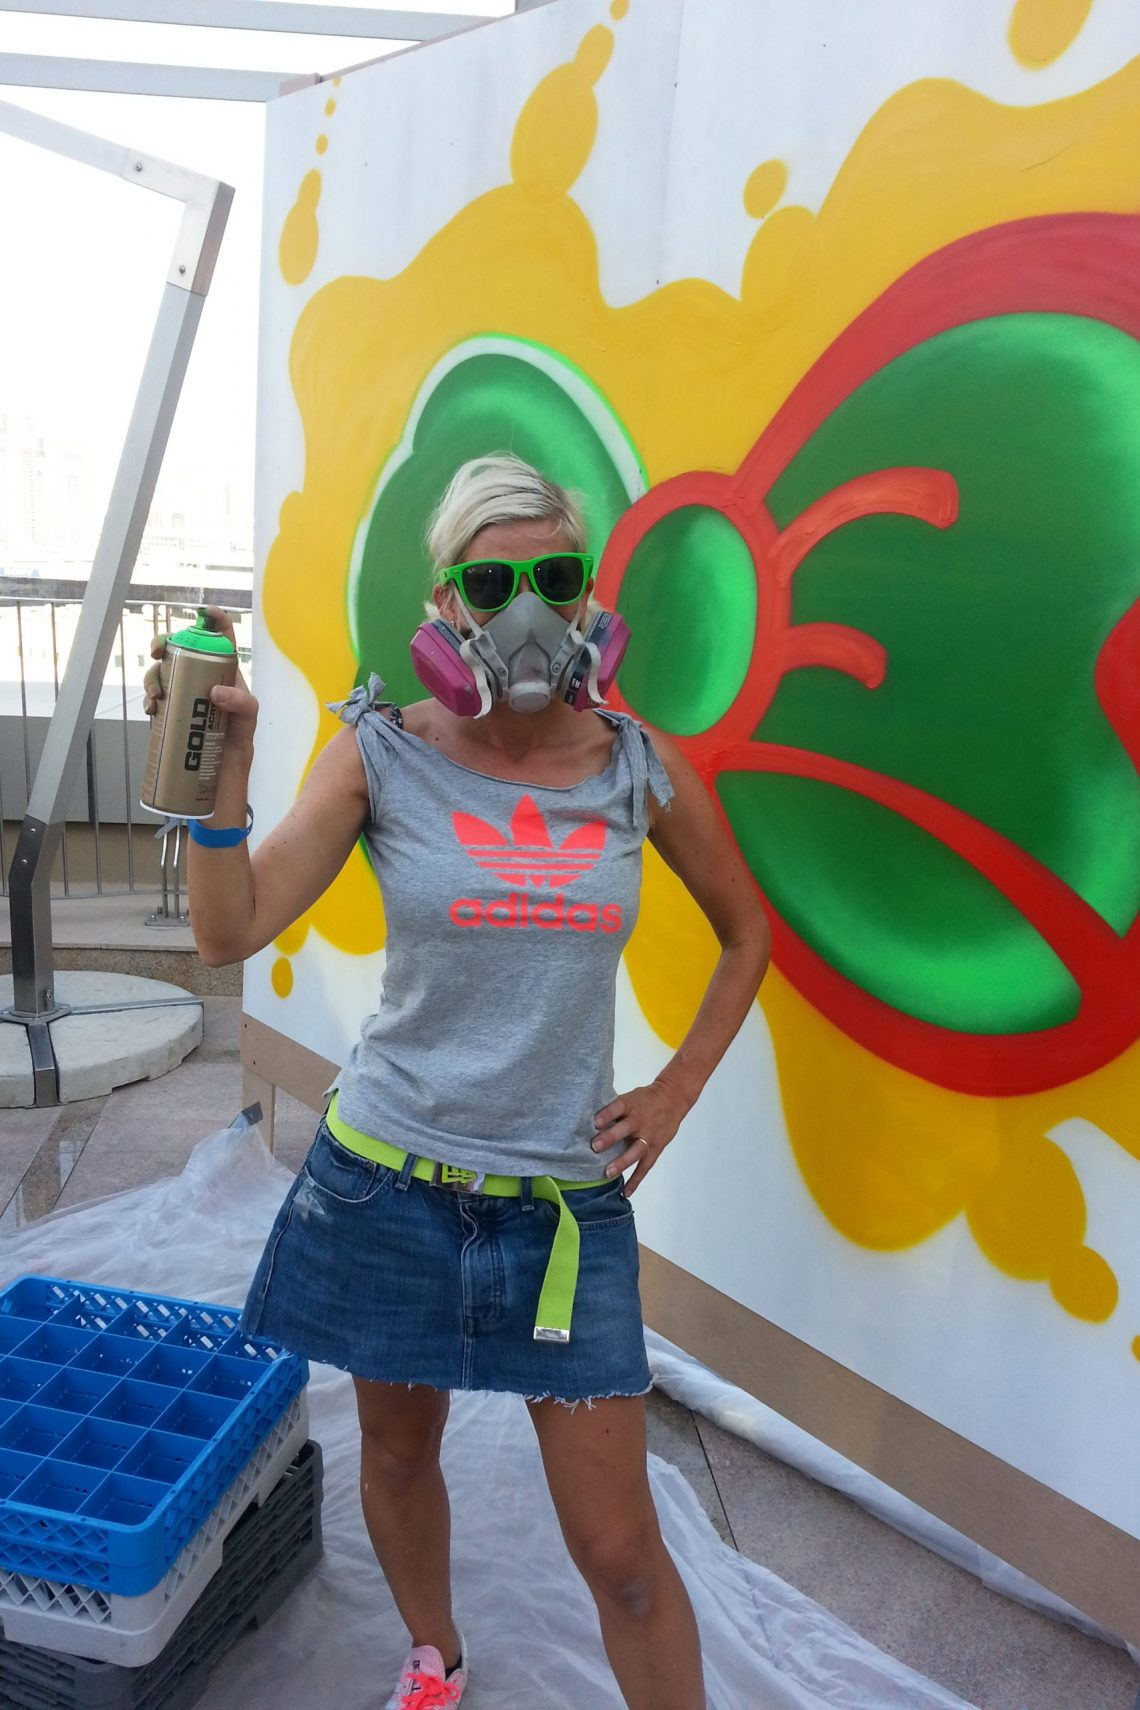 Graffiti artist Steffi Bow